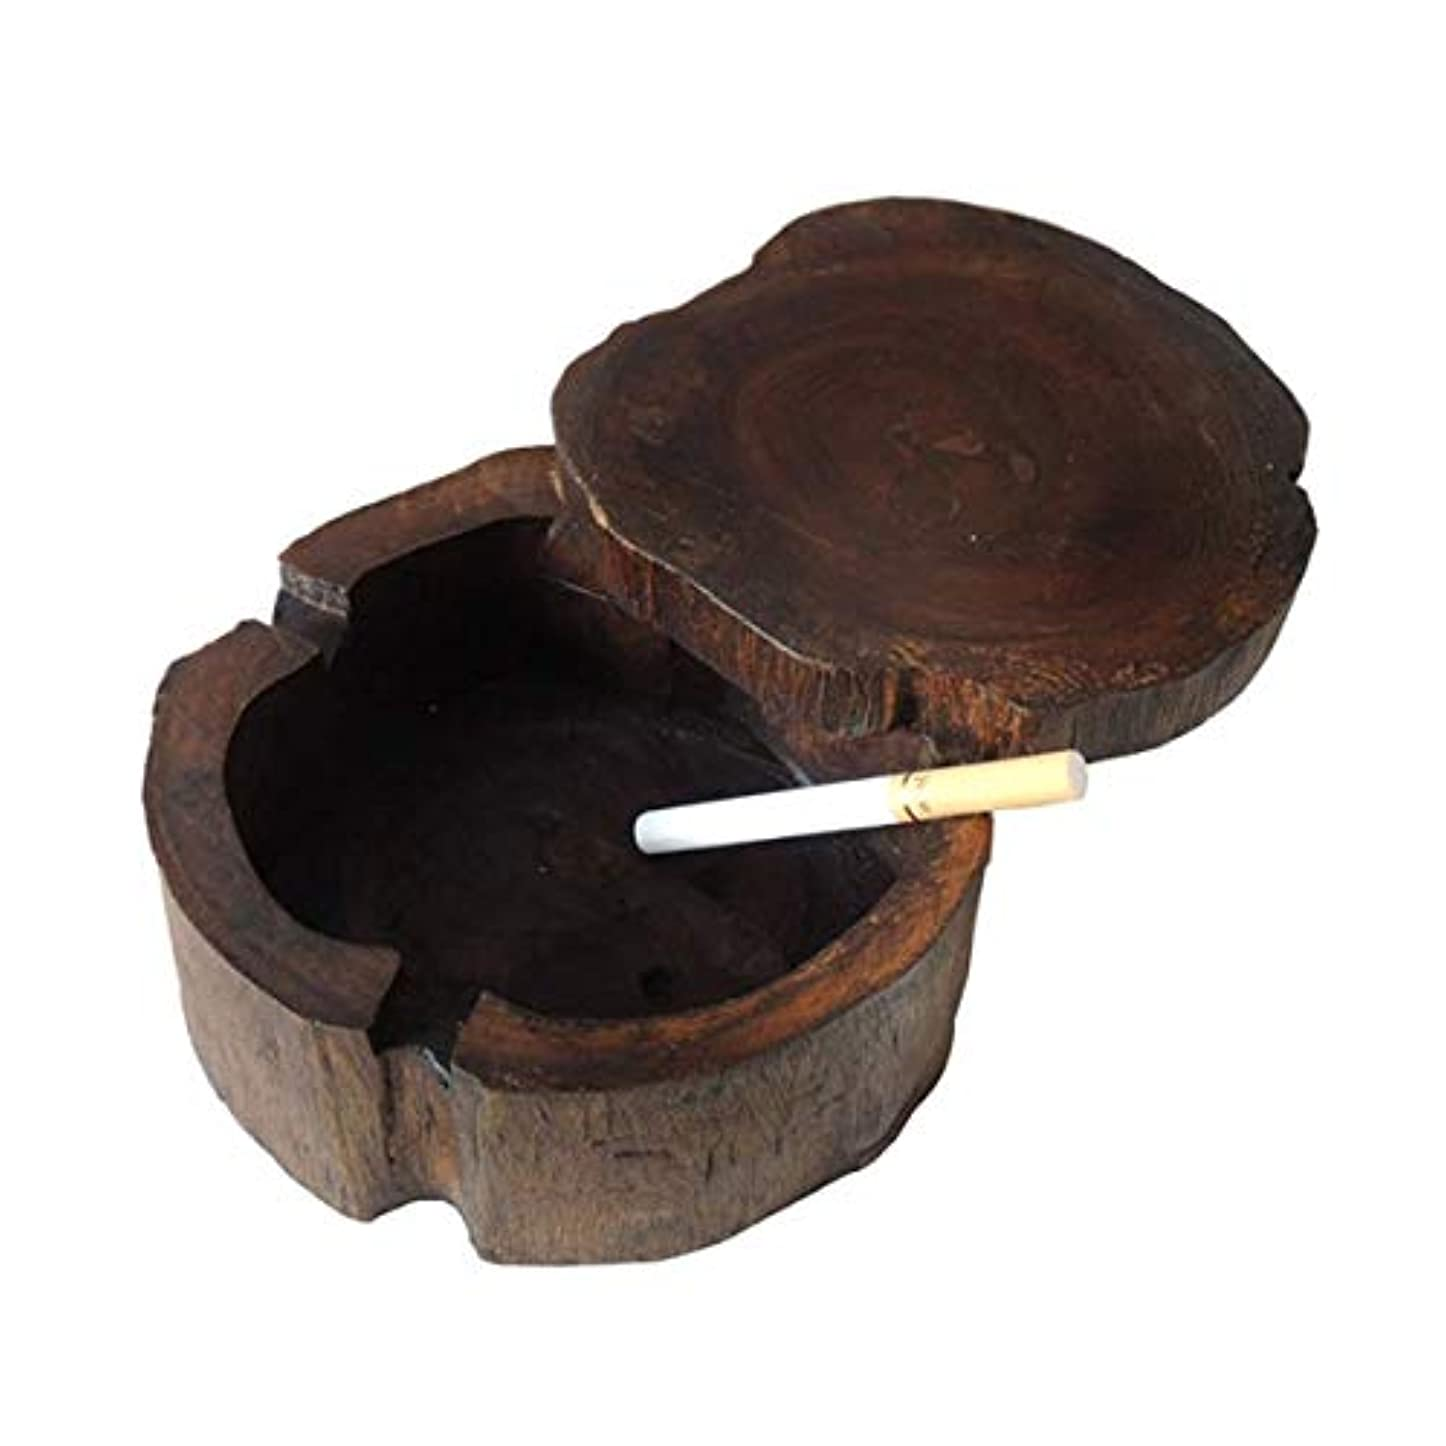 押し下げる制裁直面する木製タバコの灰皿、Winproofふたで手作りのヴィンテージオリジナルアンティークの木製タバコ灰皿、屋内ホームバー、小型のための灰皿